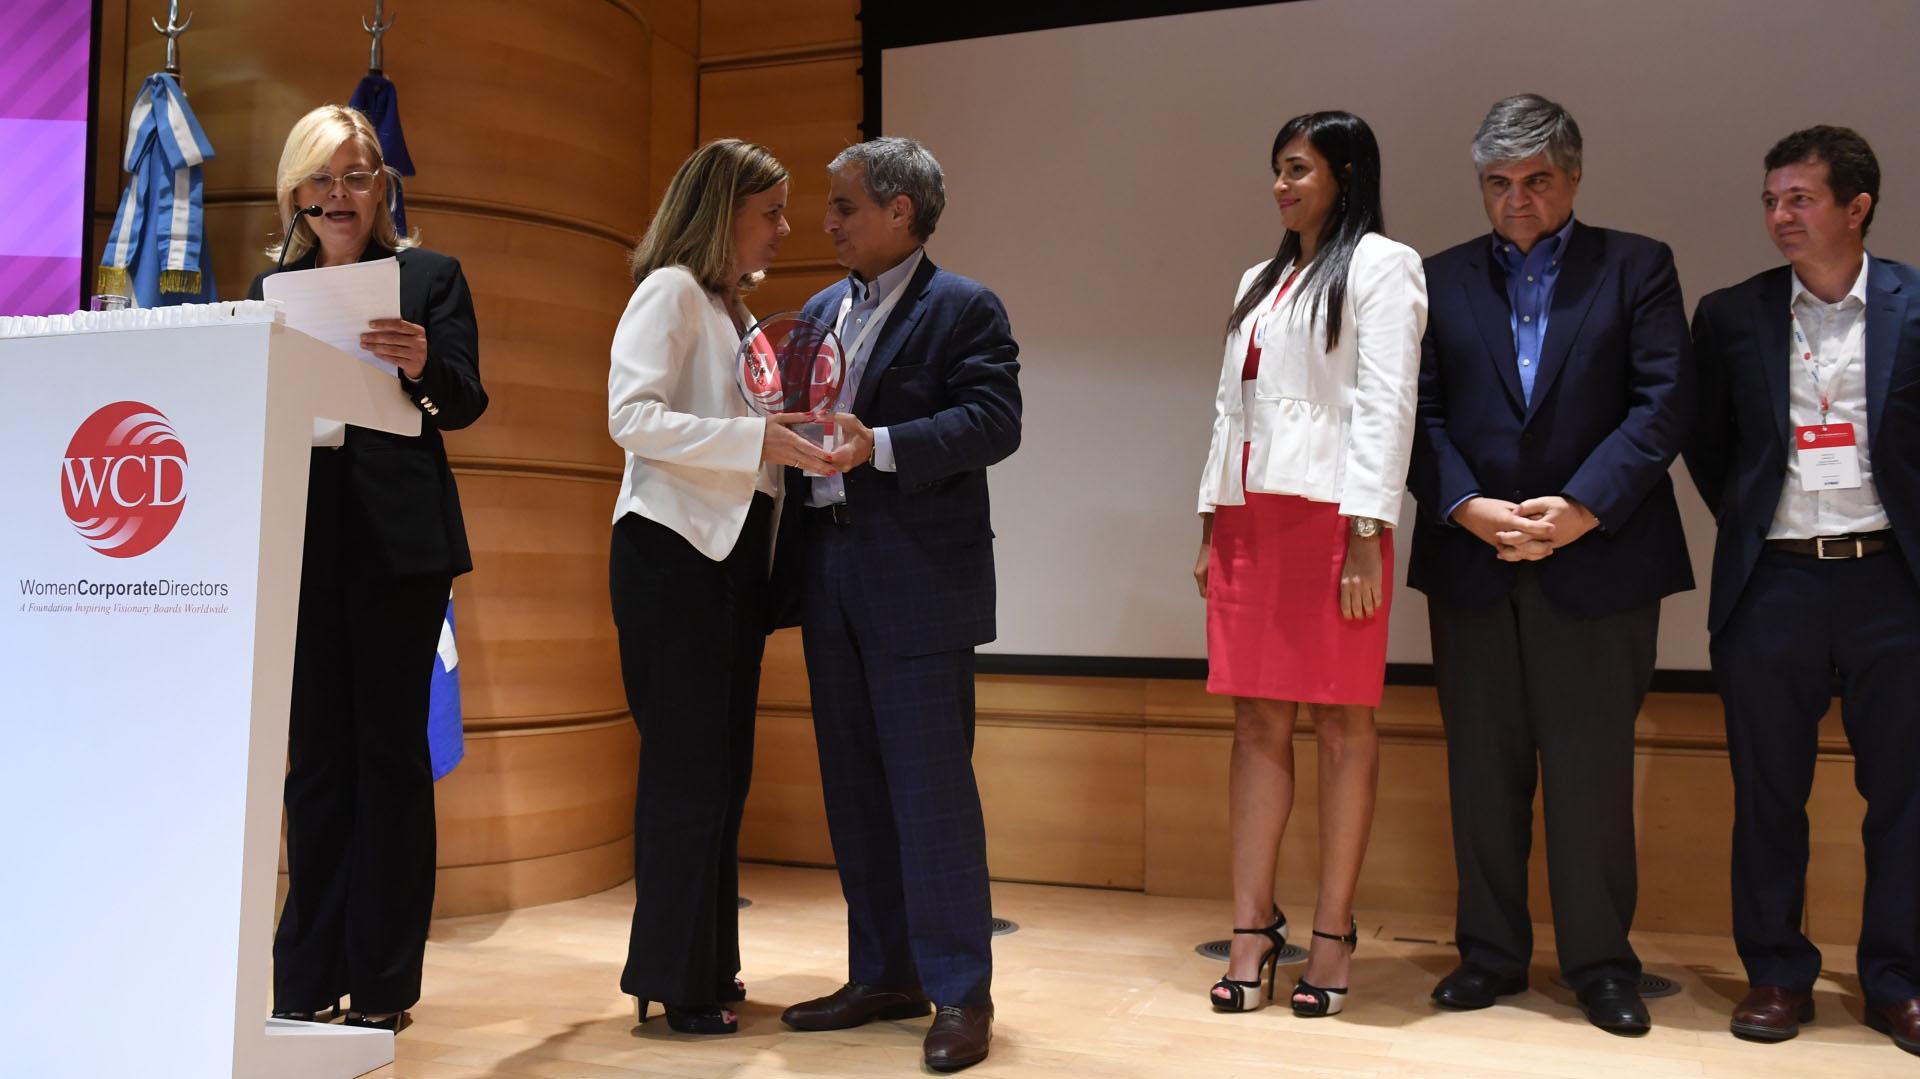 Néstor García, socio director ejecutivo de KPMG, entrega el galardón (Maximiliano Luna)